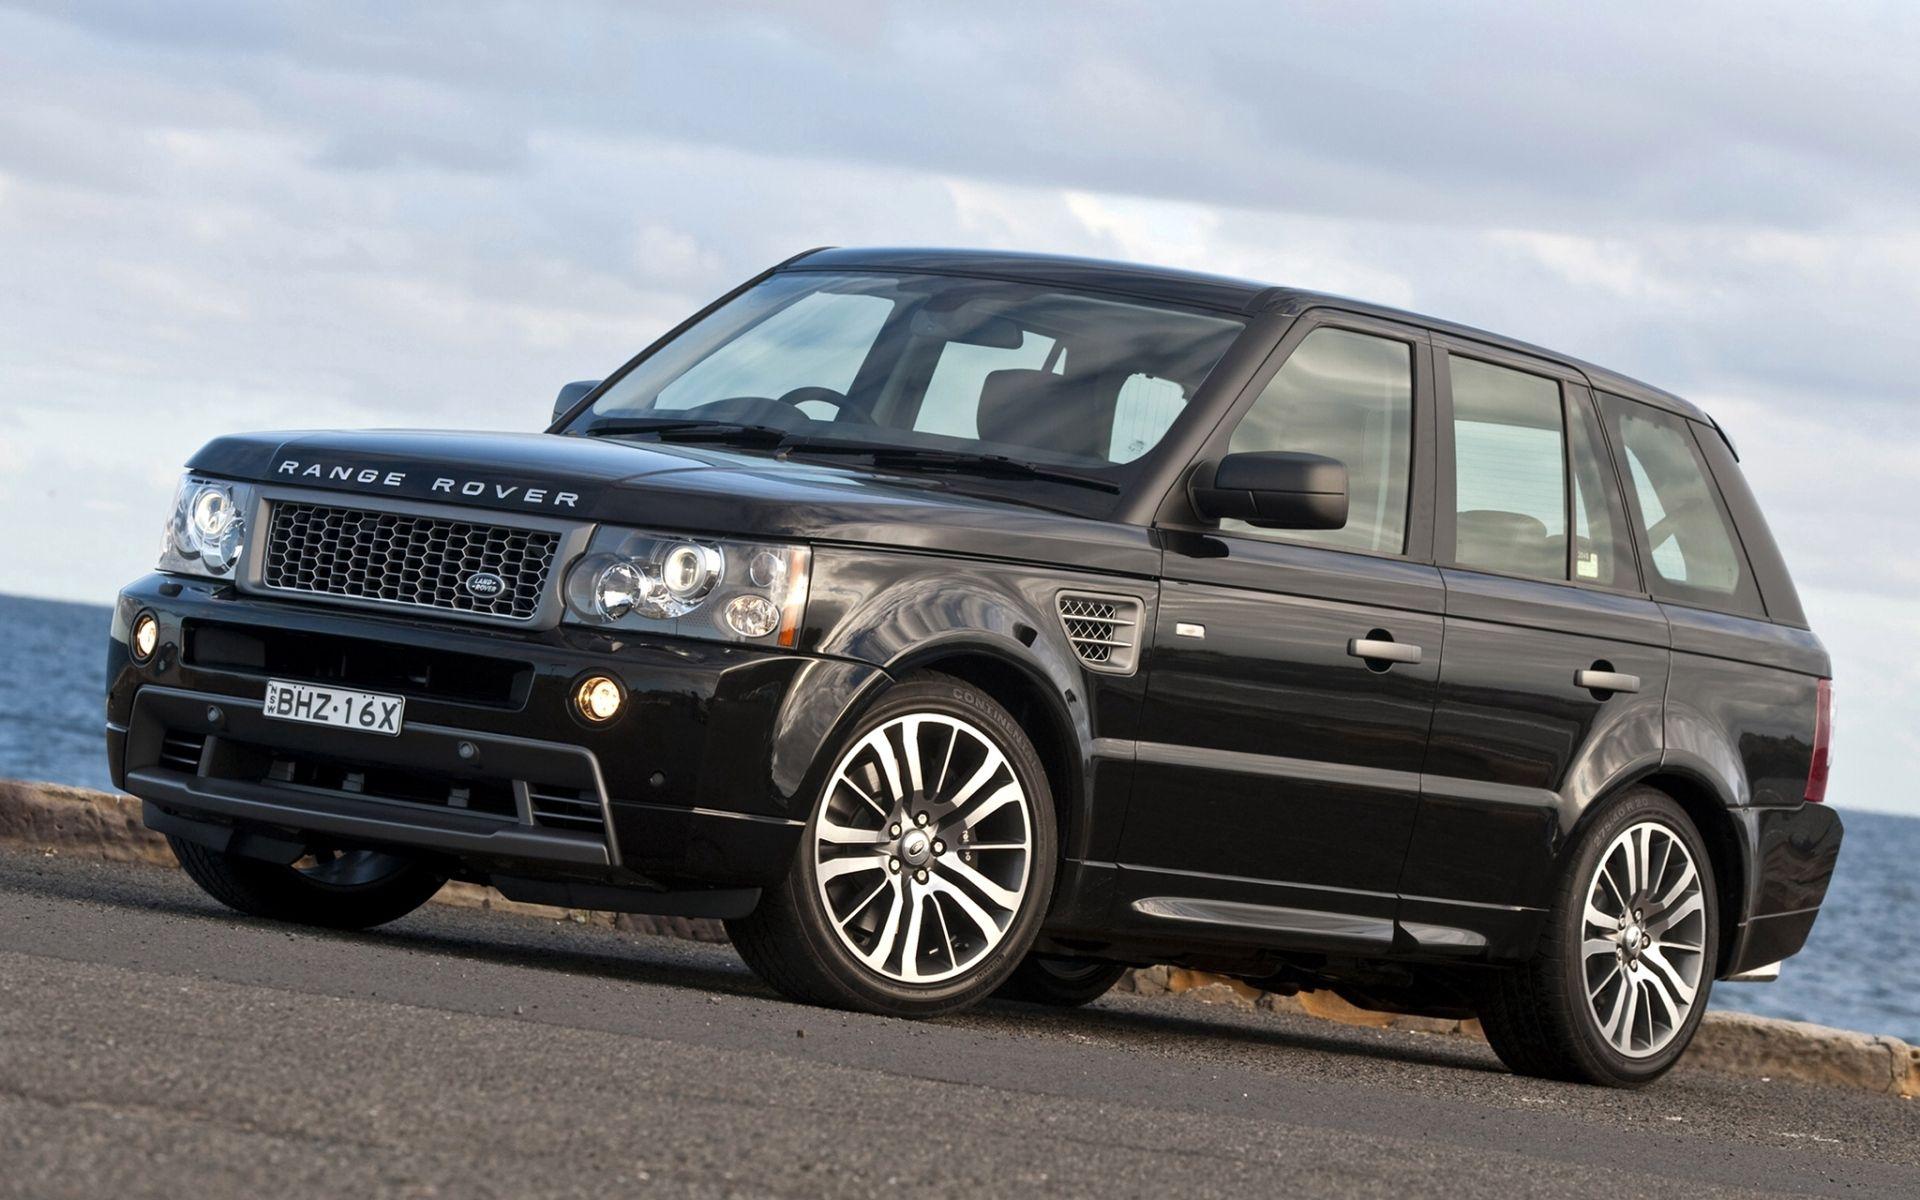 119102 скачать обои Спорт, Небо, Рендж Ровер (Range Rover), Ленд Ровер (Land Rover), Тачки (Cars), Джип, Чёрный, Передок, Ленд Ровер, Stormer, Ренж Ровер - заставки и картинки бесплатно